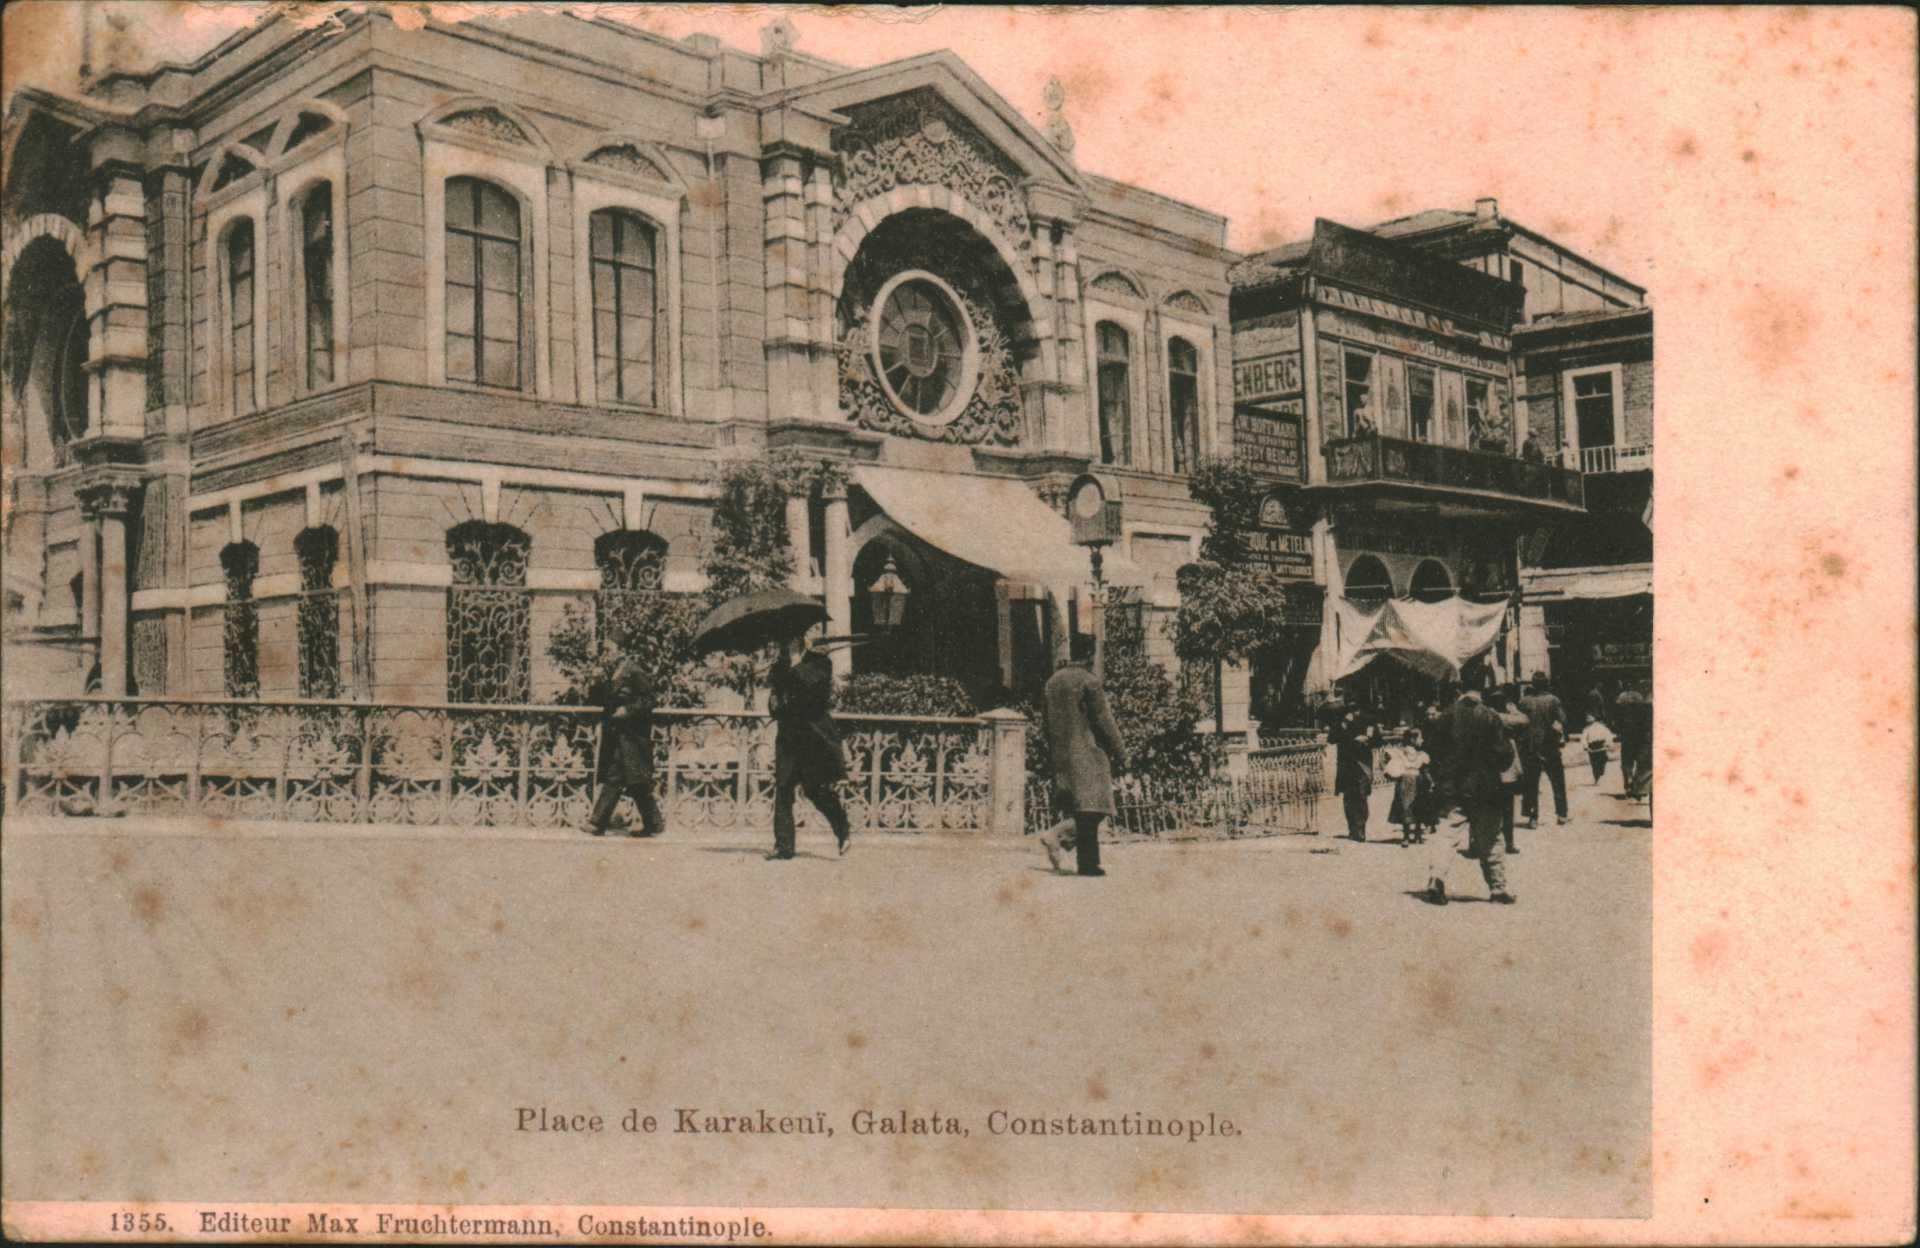 Place de Karakeui. Galata. Constantinople